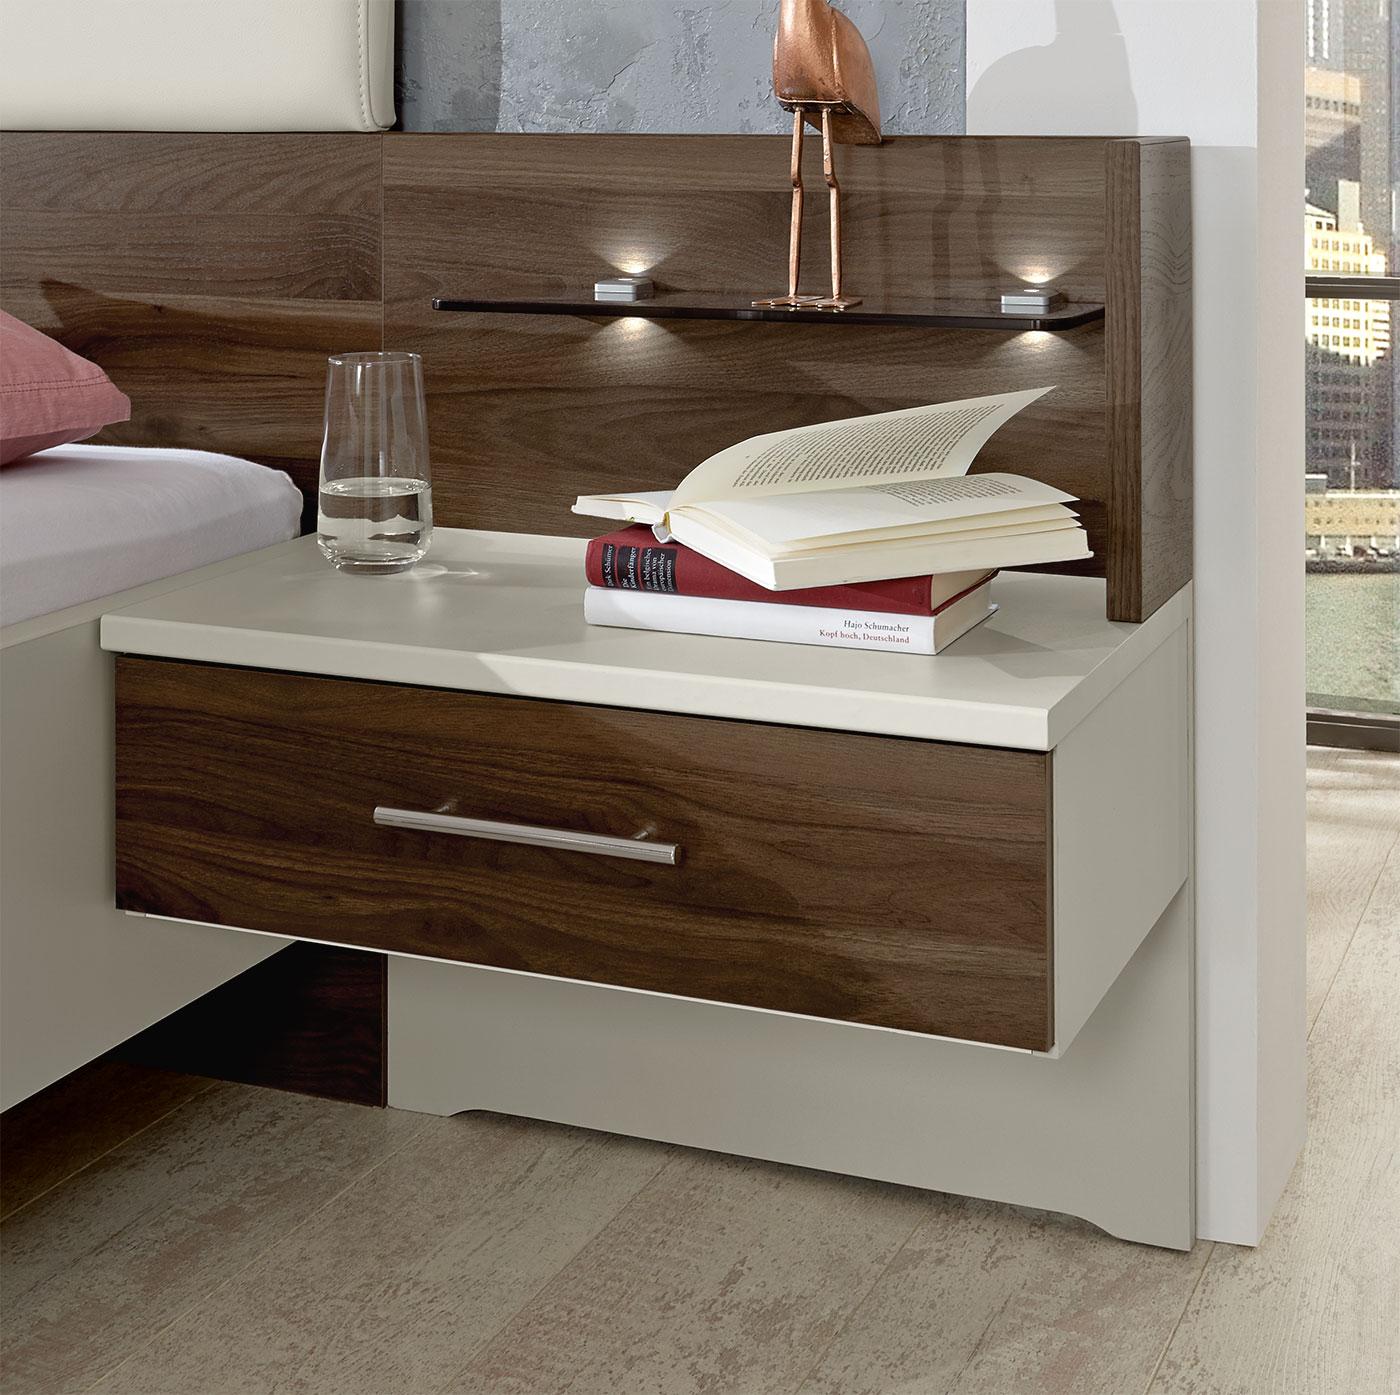 Nachttisch Mit Beleuchtung günstiges designerbett inklusive 2 schubladen nachttische moa